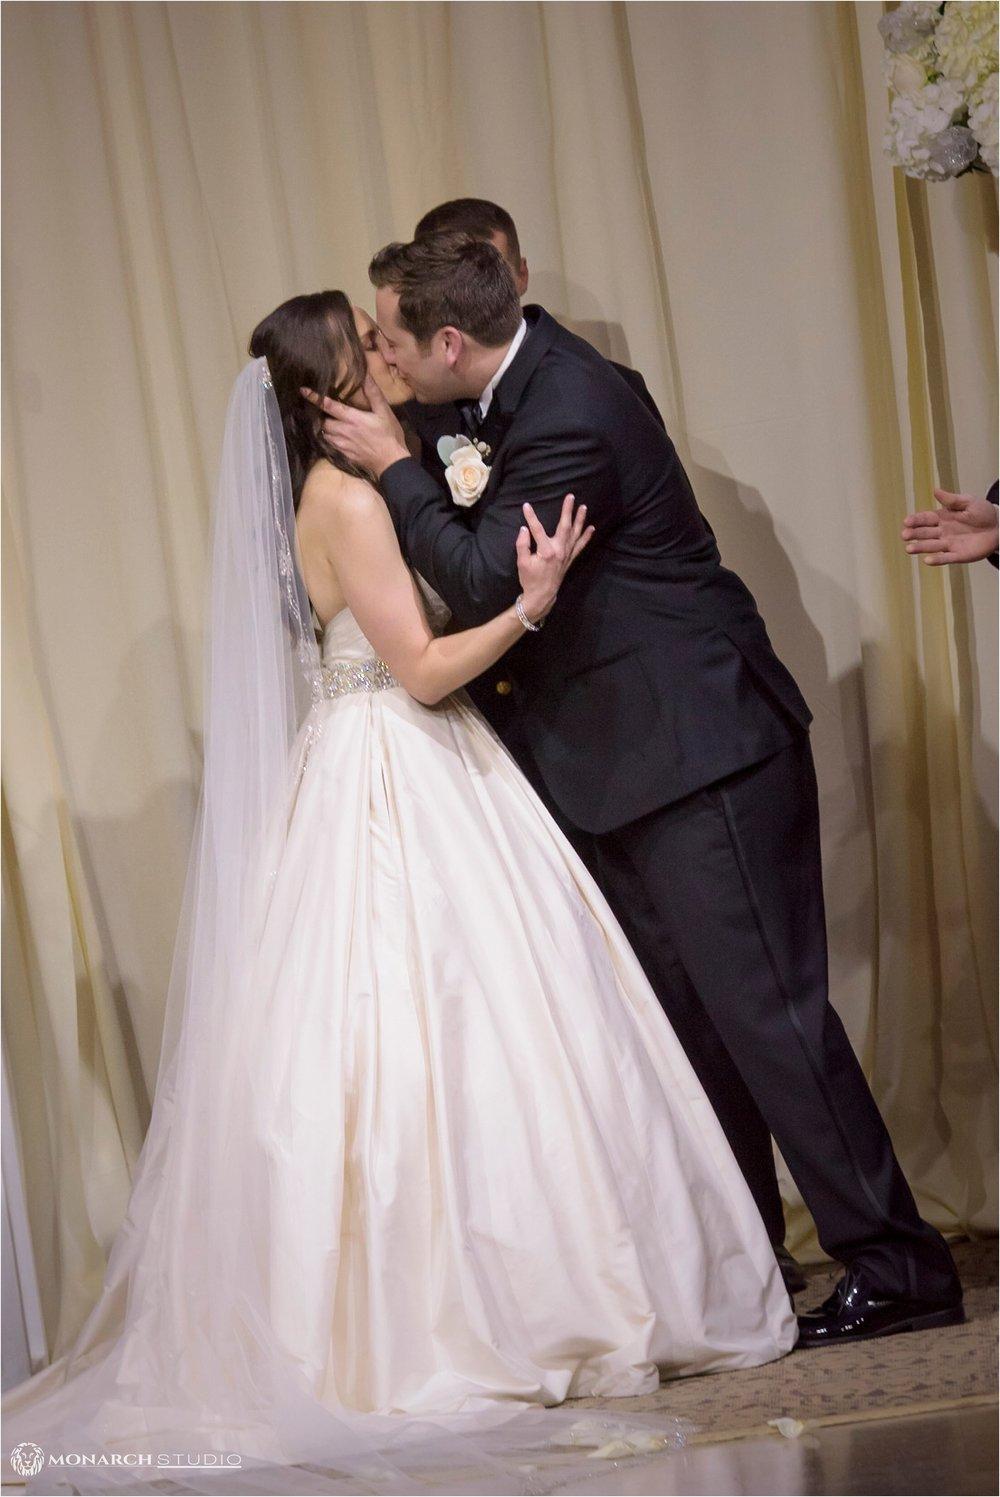 st-augustine-wedding-venue-treasury-on-the-plaza-040.jpg